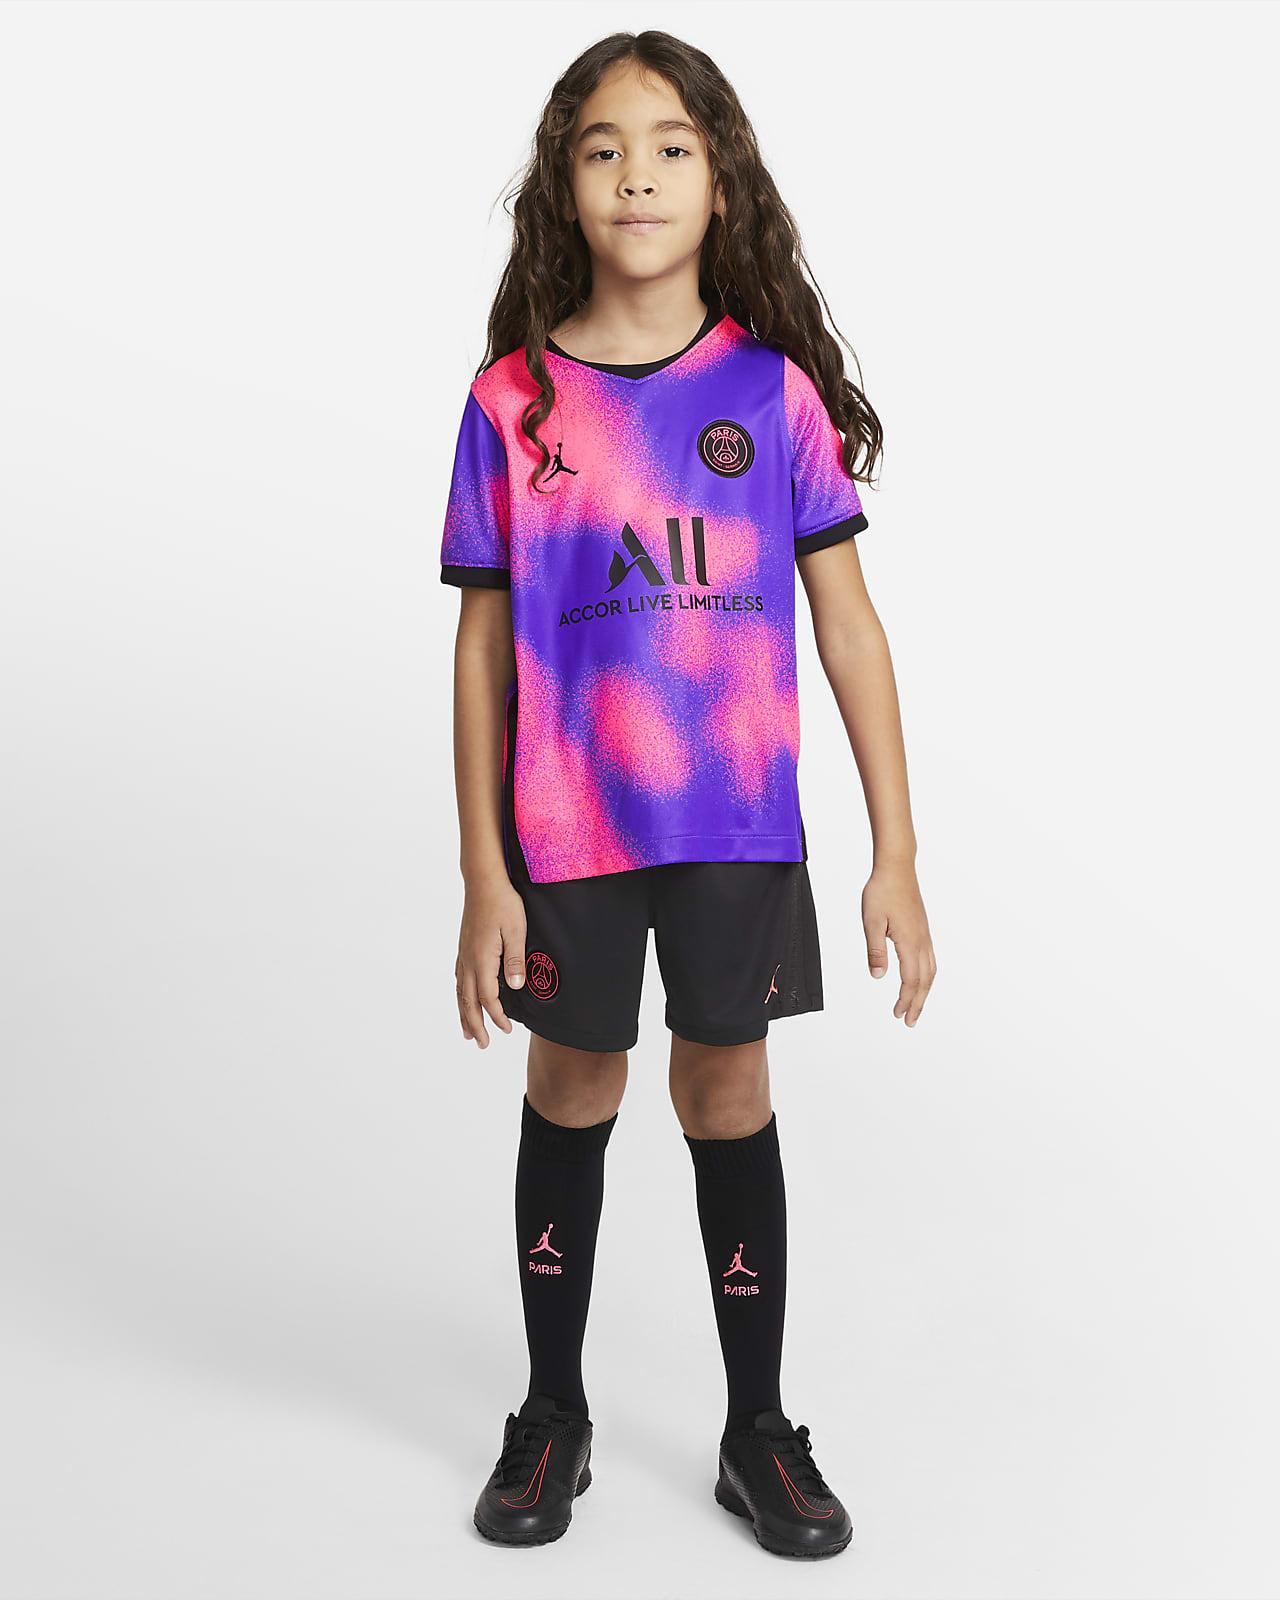 4e tenue de football Paris Saint-Germain 2021/22 pour Jeune enfant